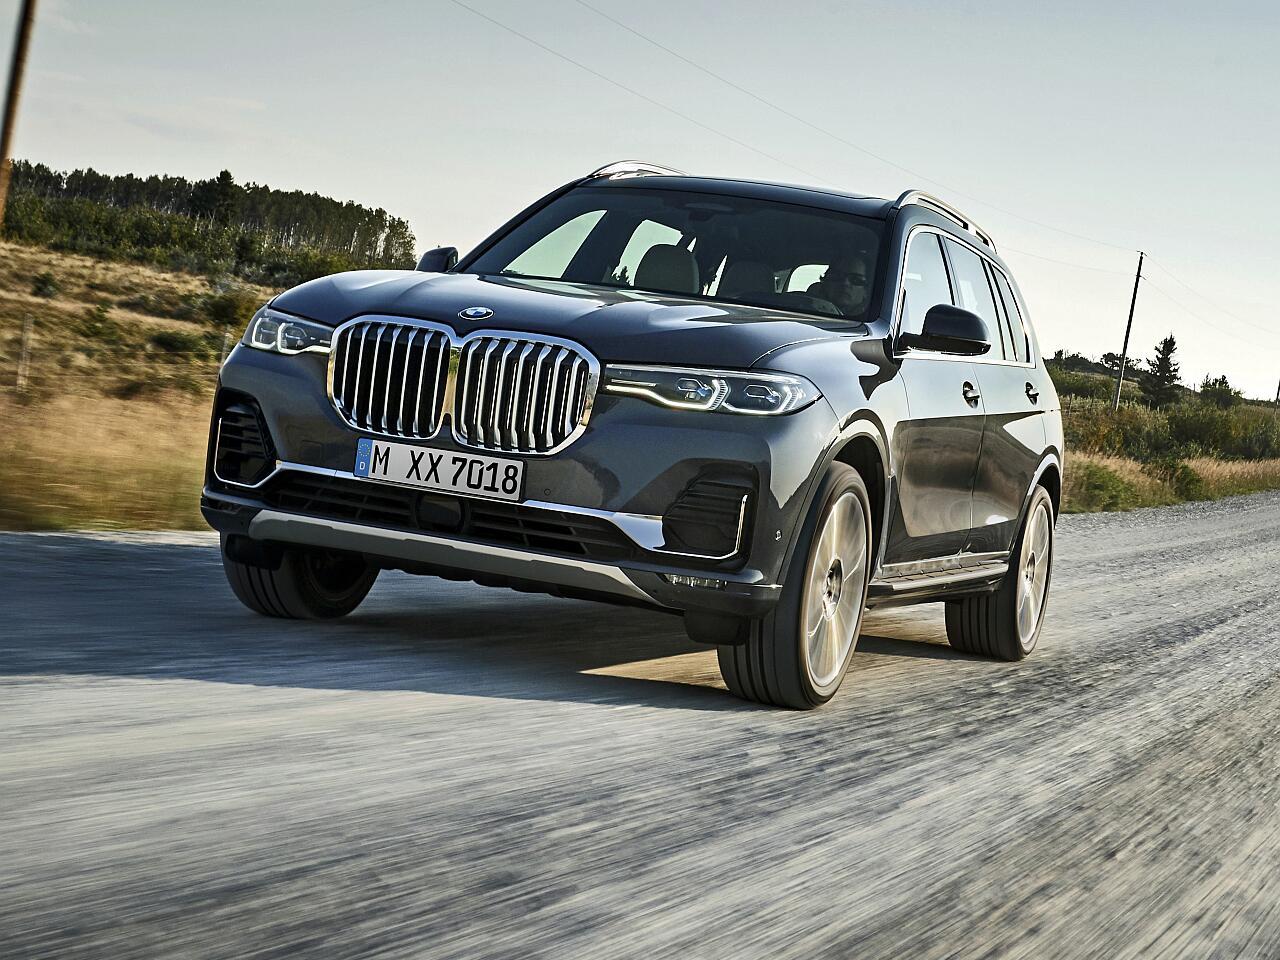 Bild zu Der neue BMW X7: So luxuriös ist das erste XXL-SUV aus München